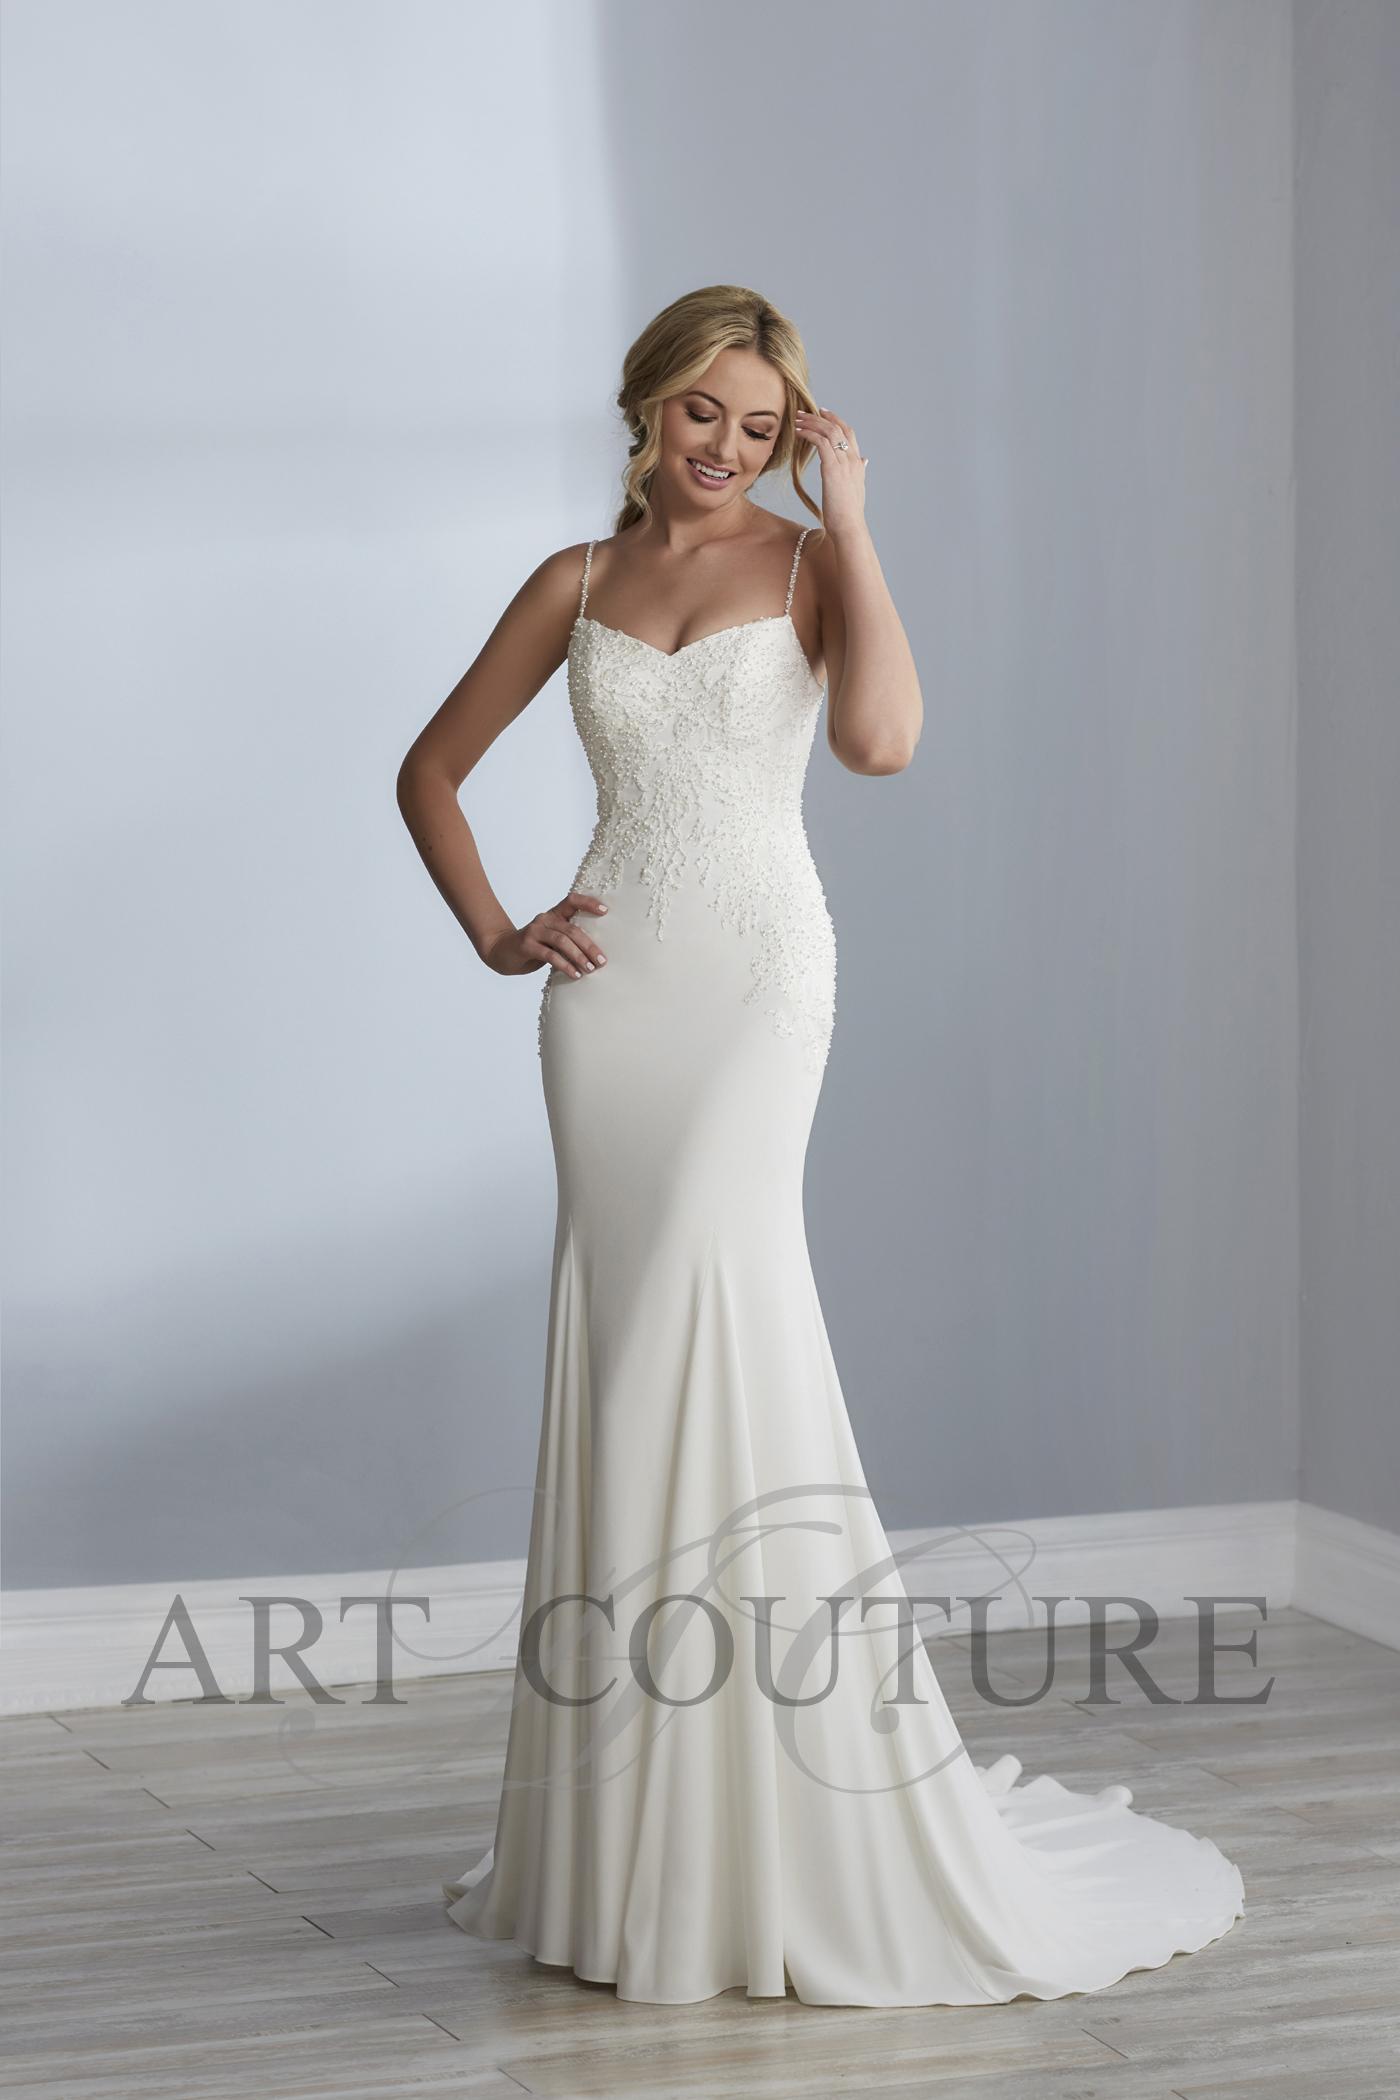 Art Couture – Amelia\'s Bridal Boutique – Wedding Gowns | Bridesmaids ...